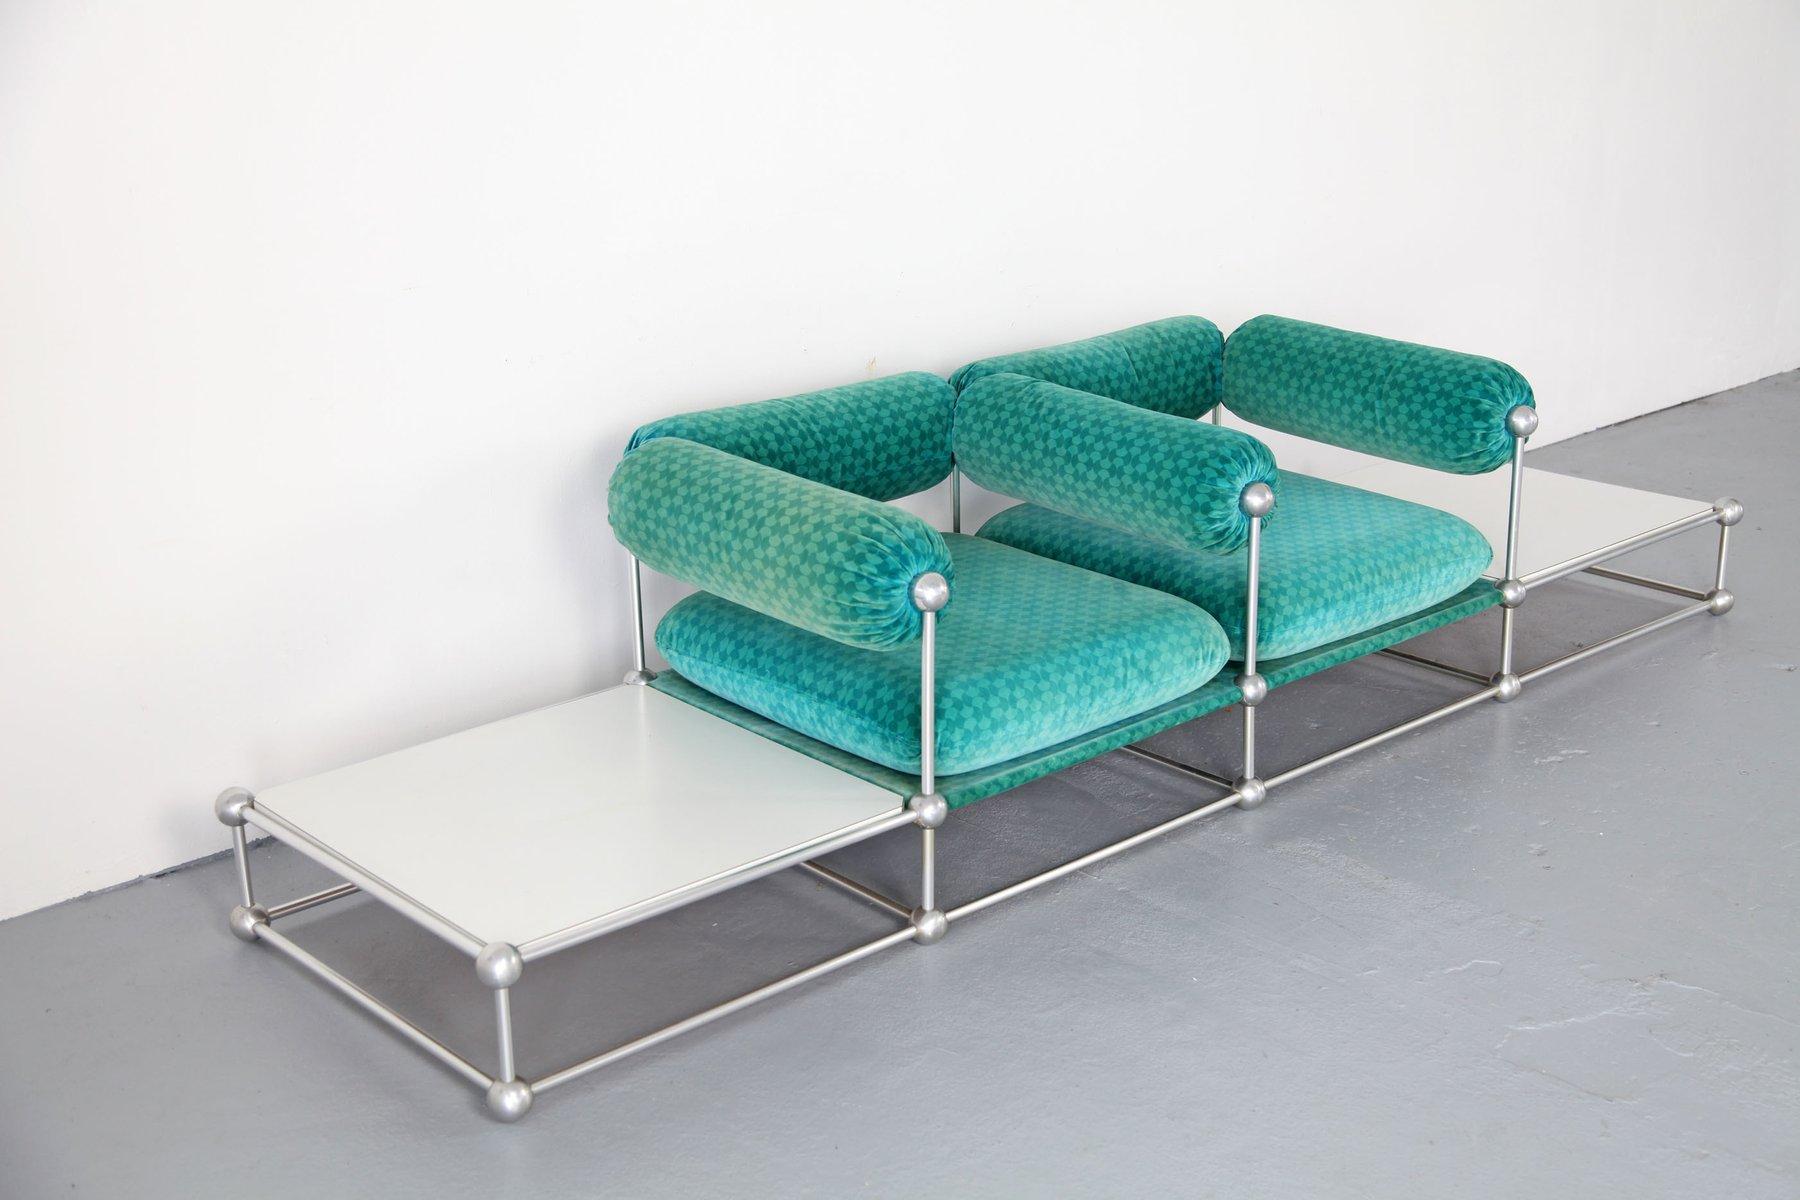 modulares mid century s420 zwei sitzer sofa mit tischen von verner panton f r thonet bei pamono. Black Bedroom Furniture Sets. Home Design Ideas